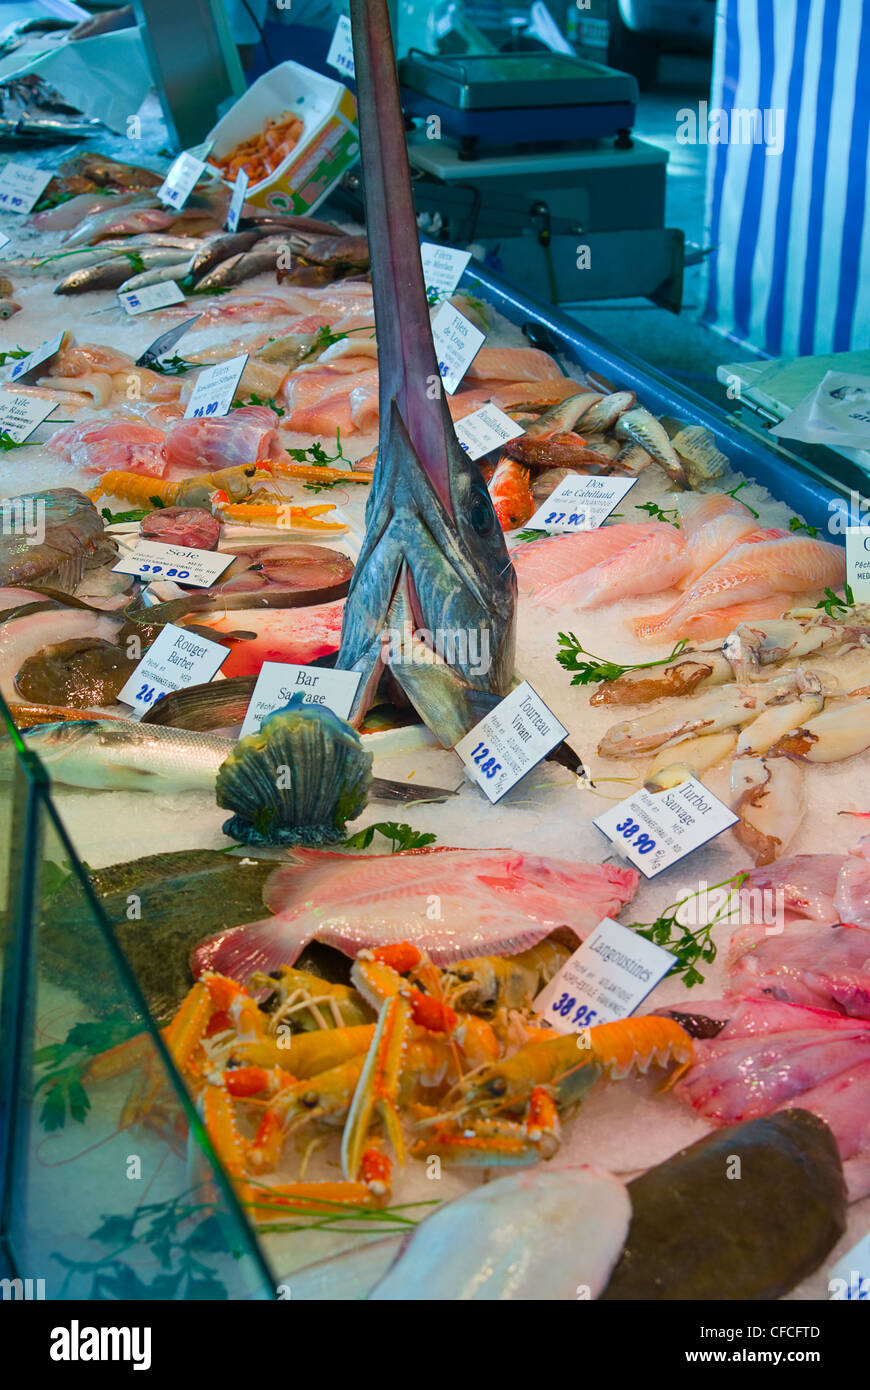 Meeresfrüchte - Seafood - Stock Image